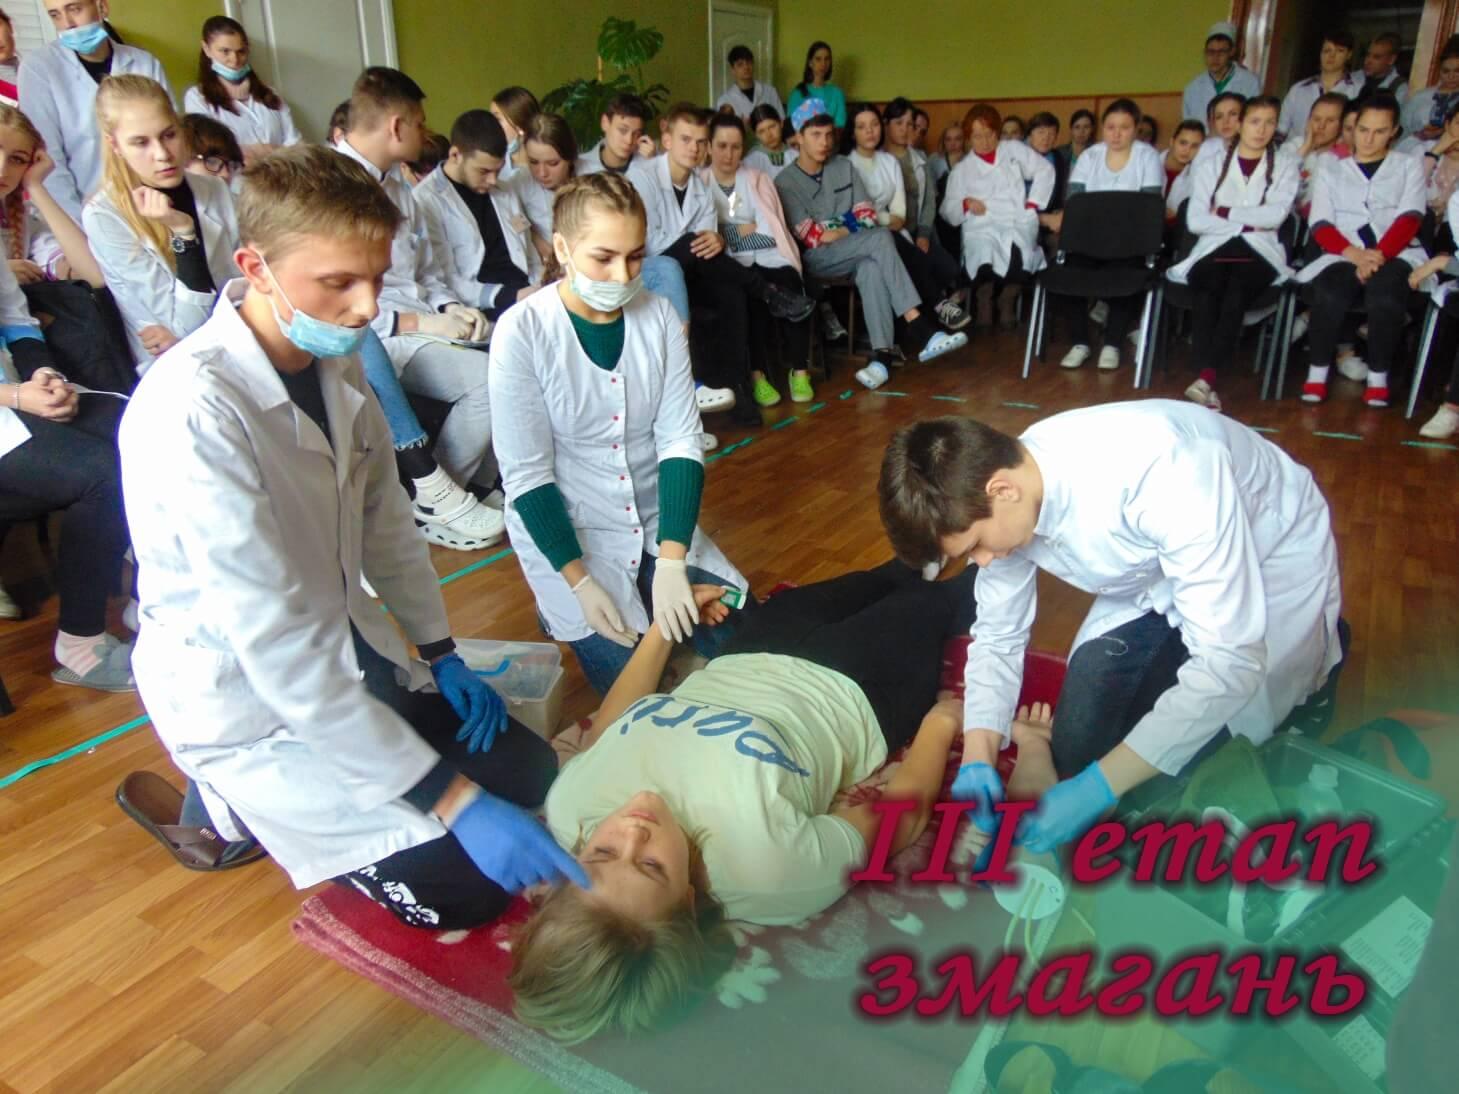 ІІІ етап внітрішньоучилищних змагань з екстреної медичної допомоги